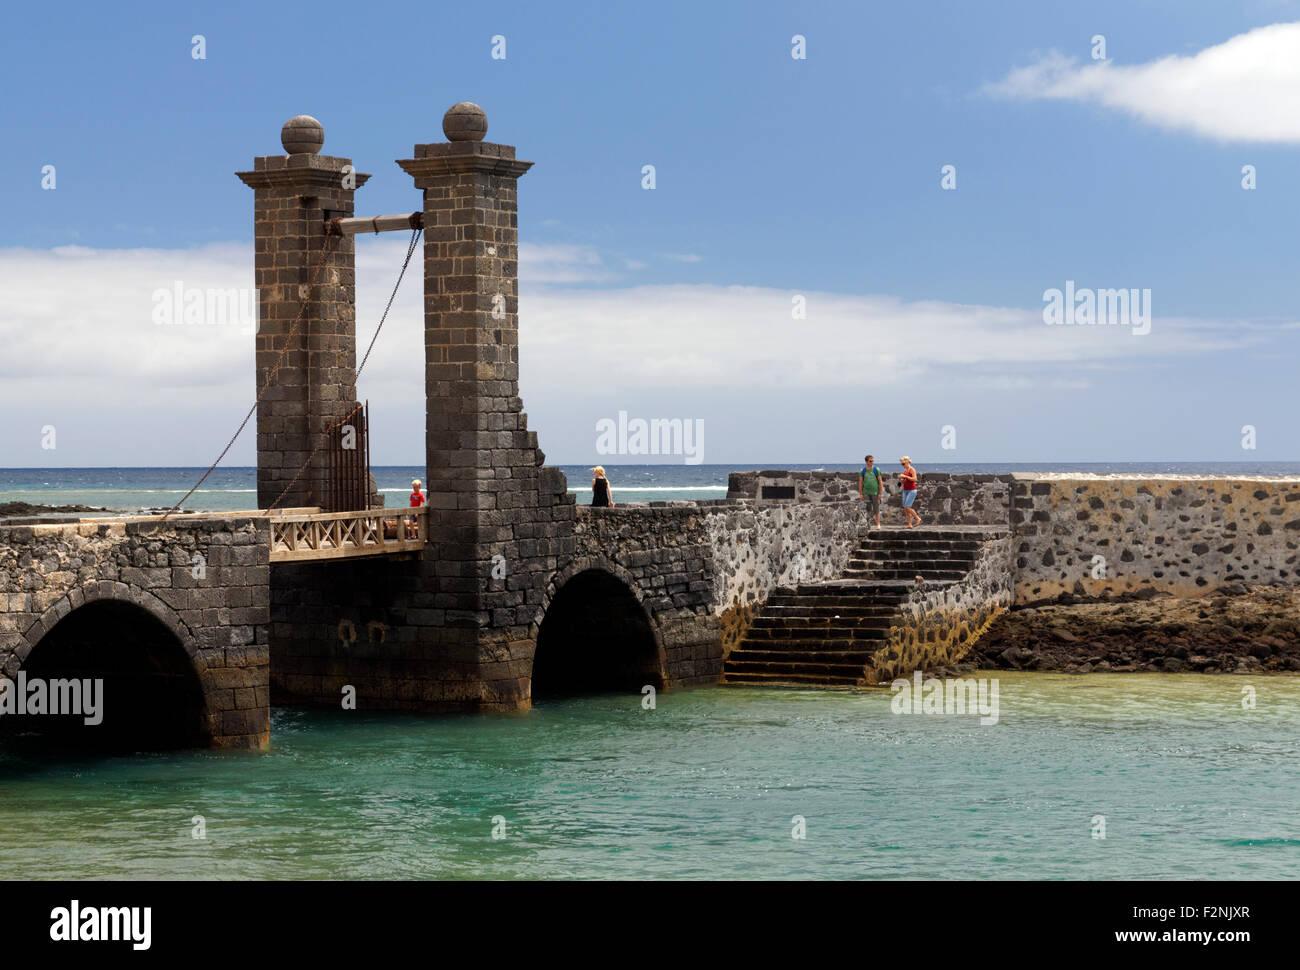 Puente de las Bolas bridge of the  balls, San Gabriel Castle, Arrecife, Lanzarote, Canary Islands, Spain. Stock Photo